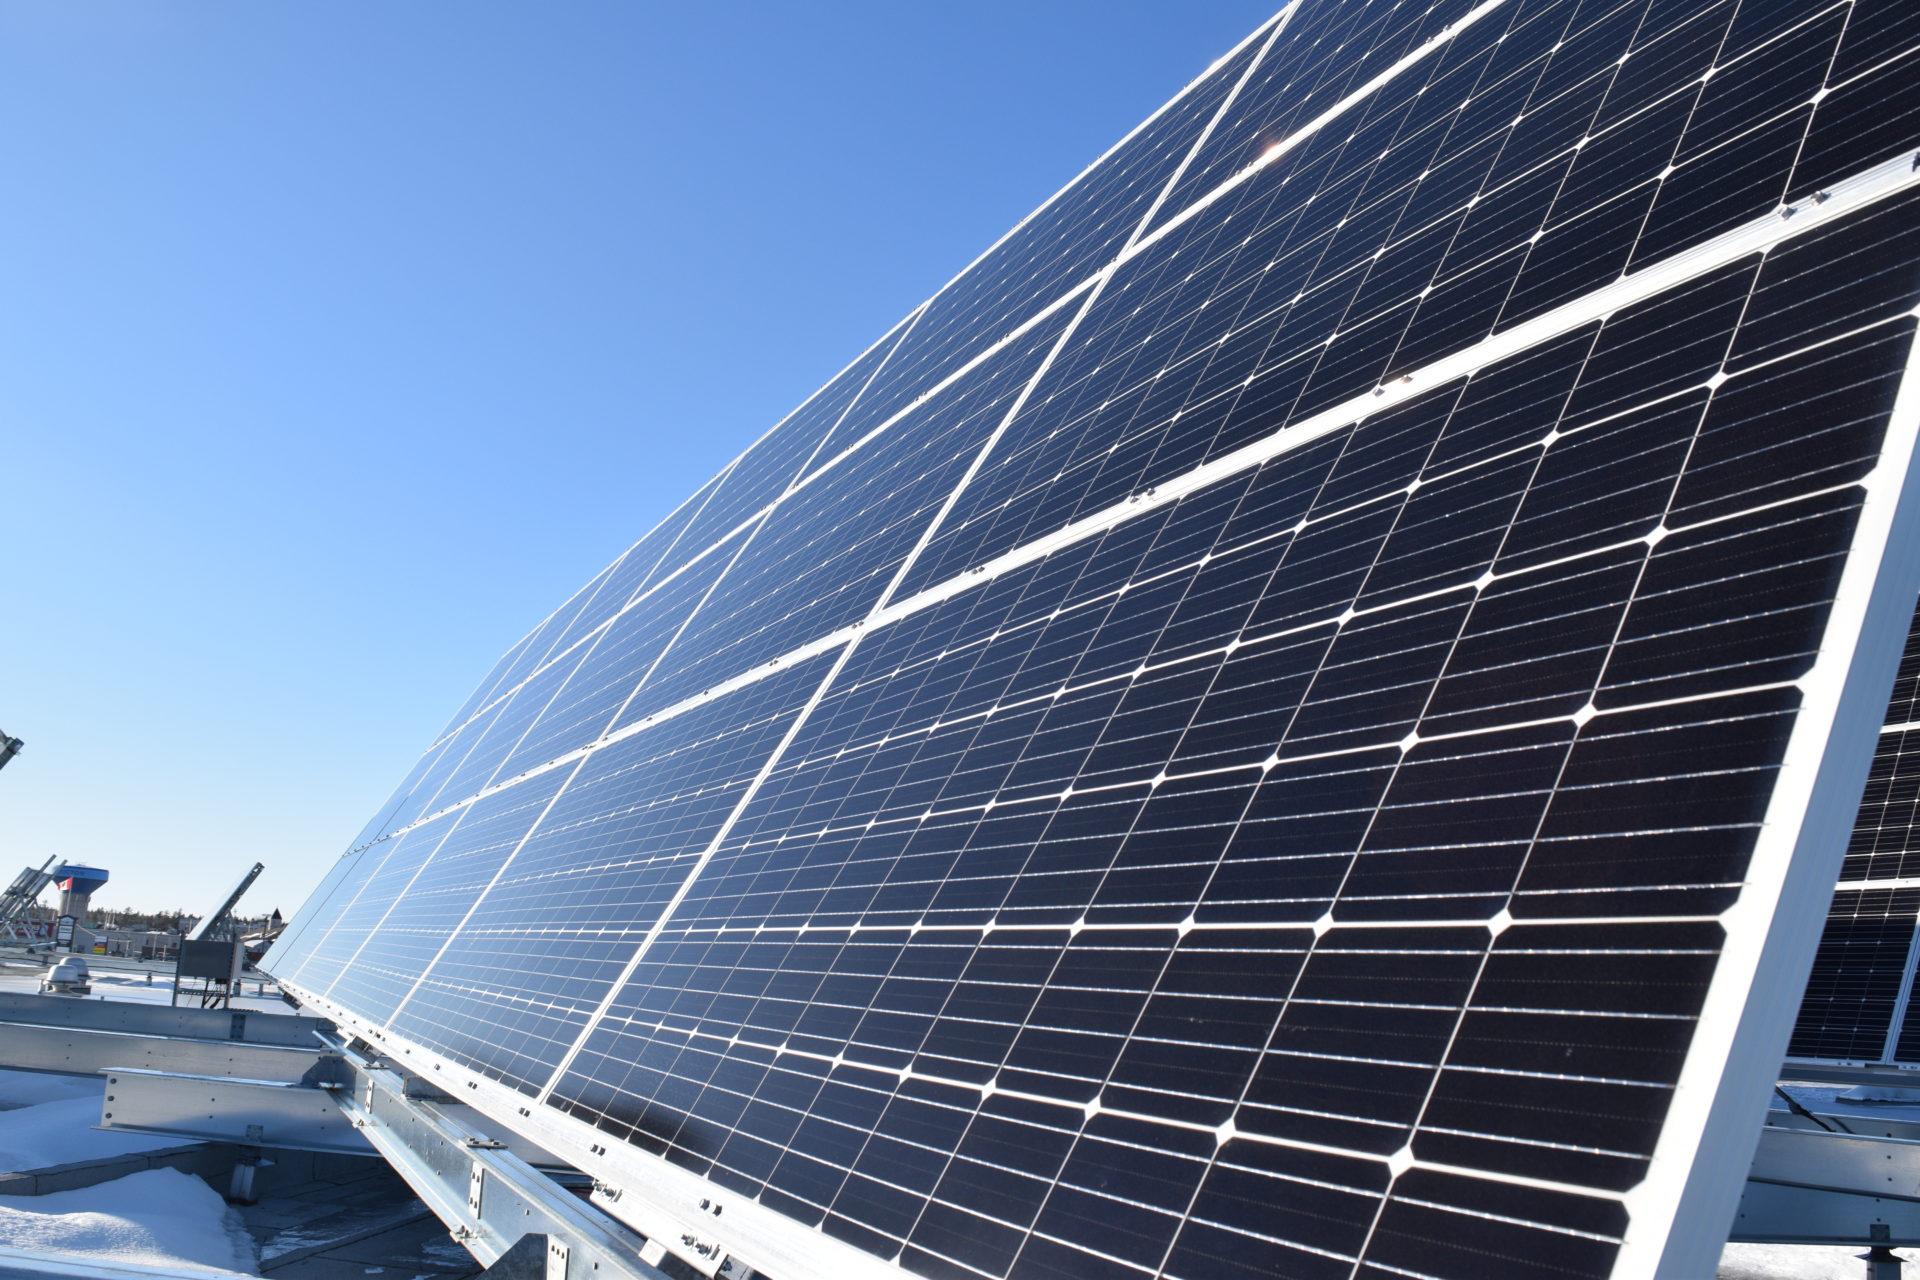 Le chef du Parti vert présente un projet de loi visant à rendre l'économie plus verte  grâce aux énergies renouvelables